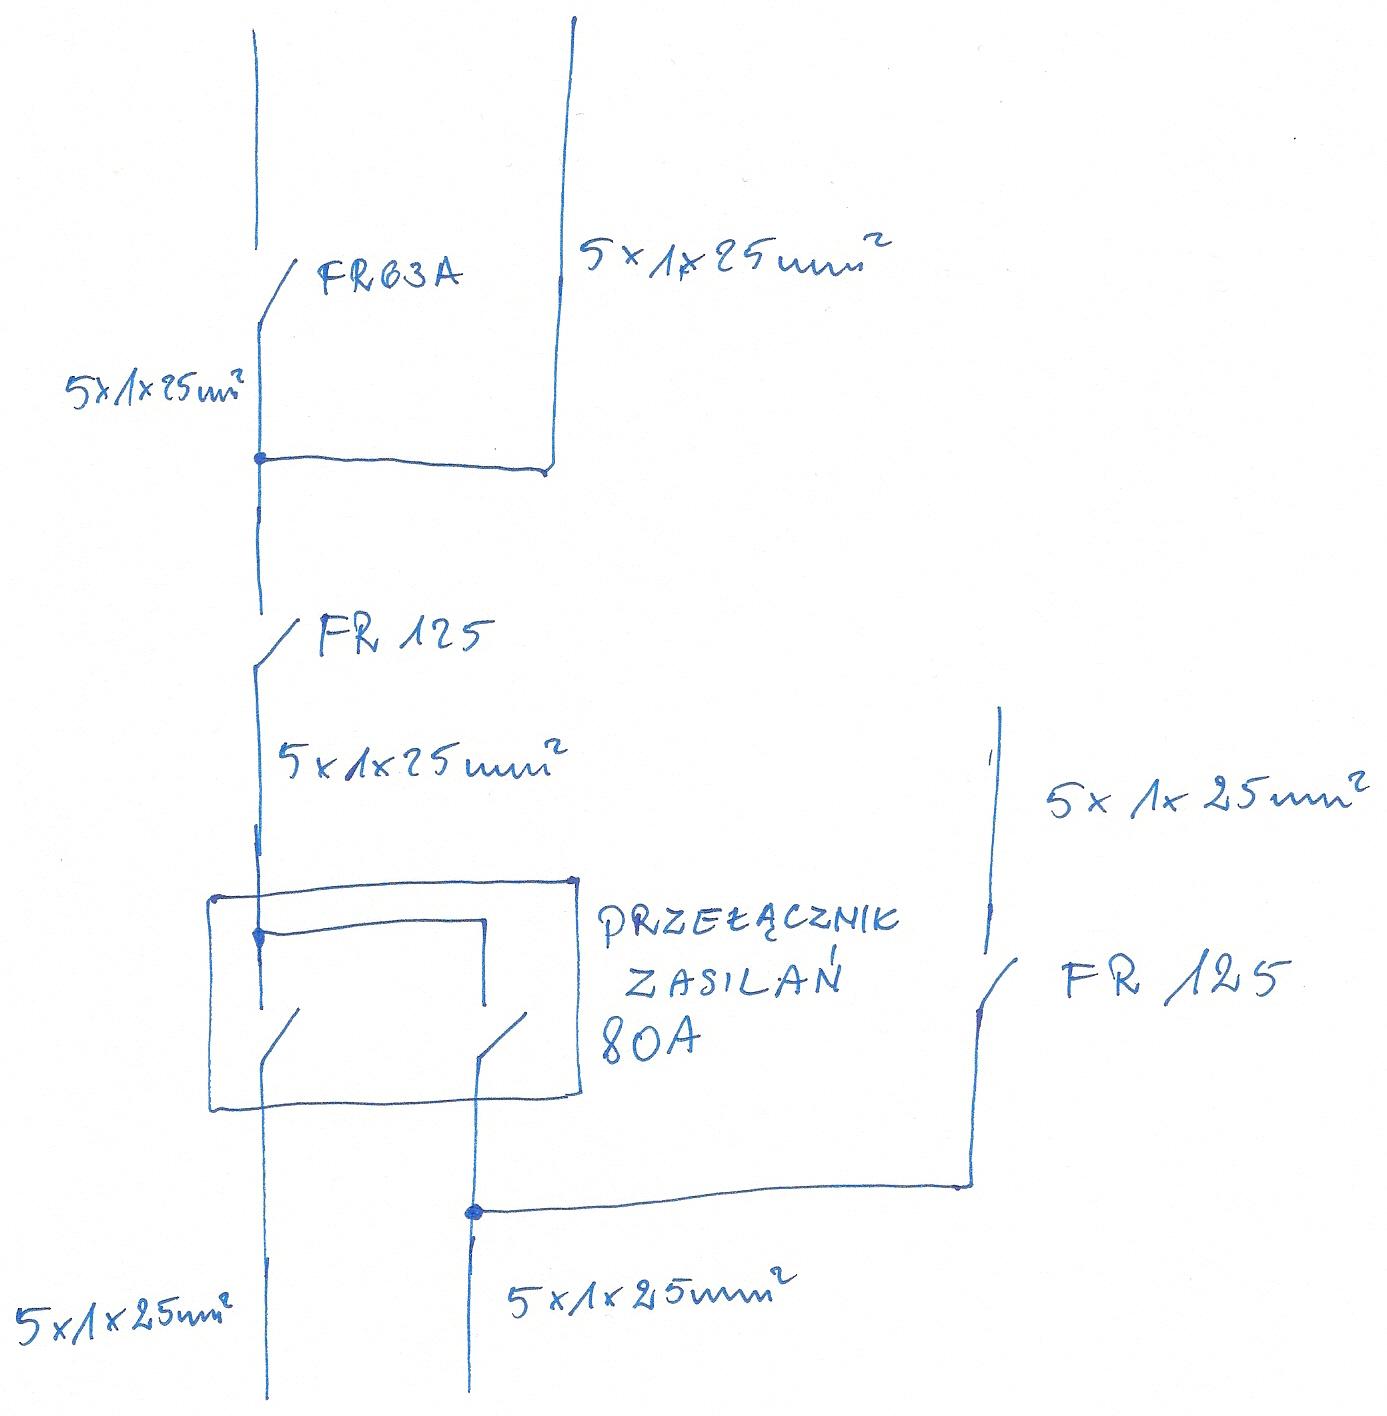 Jak Narysować Schemat Przełącznika Zasilań Elektrodapl